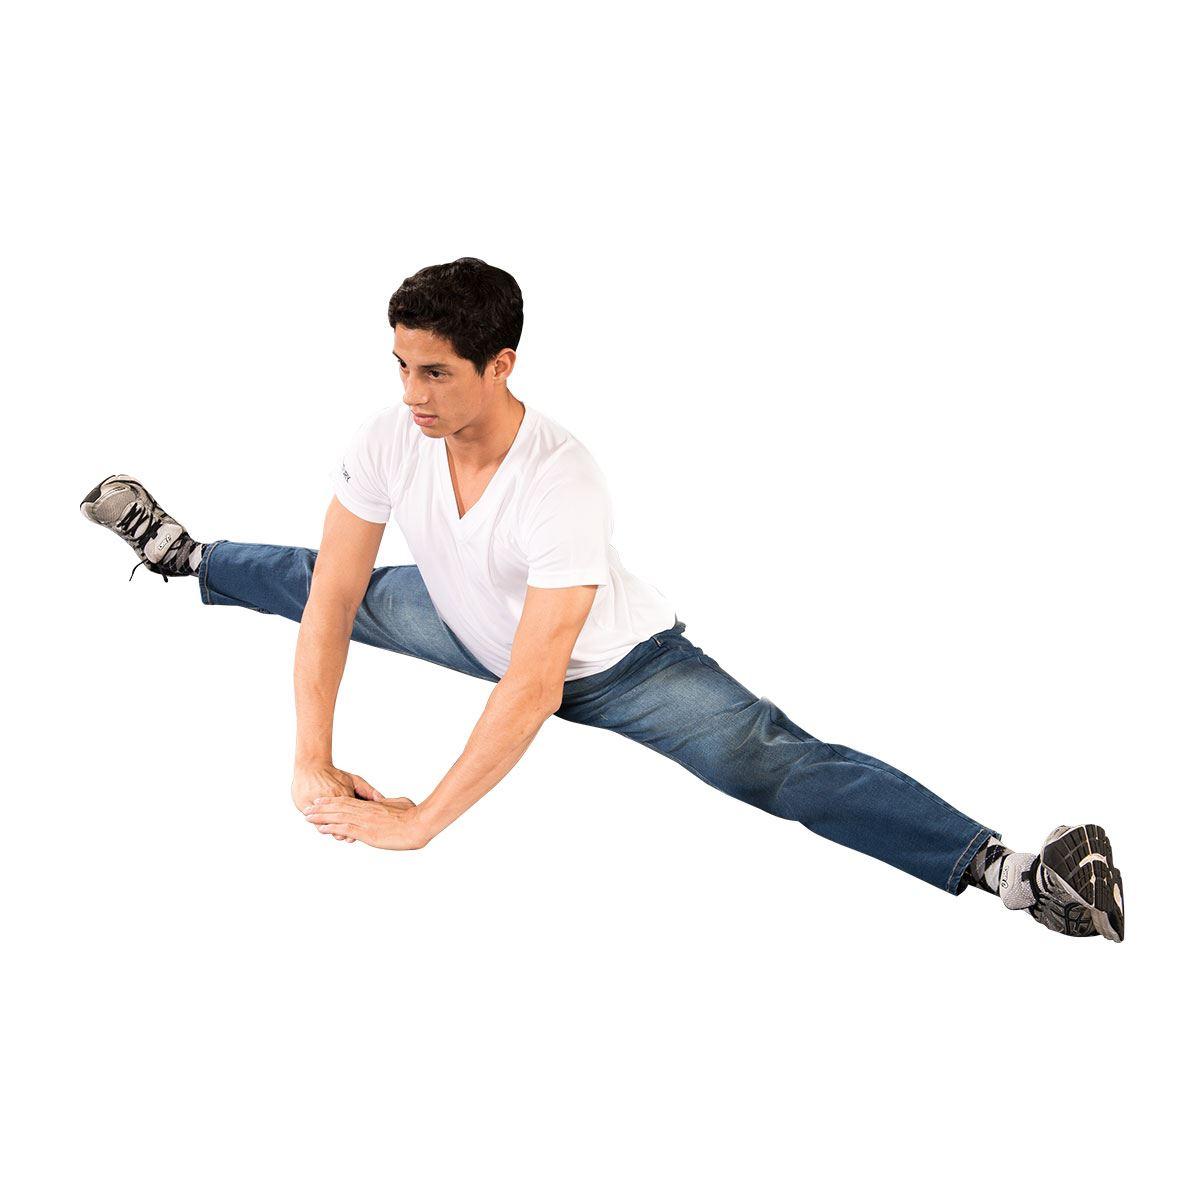 Упражнения на растяжку: это важно